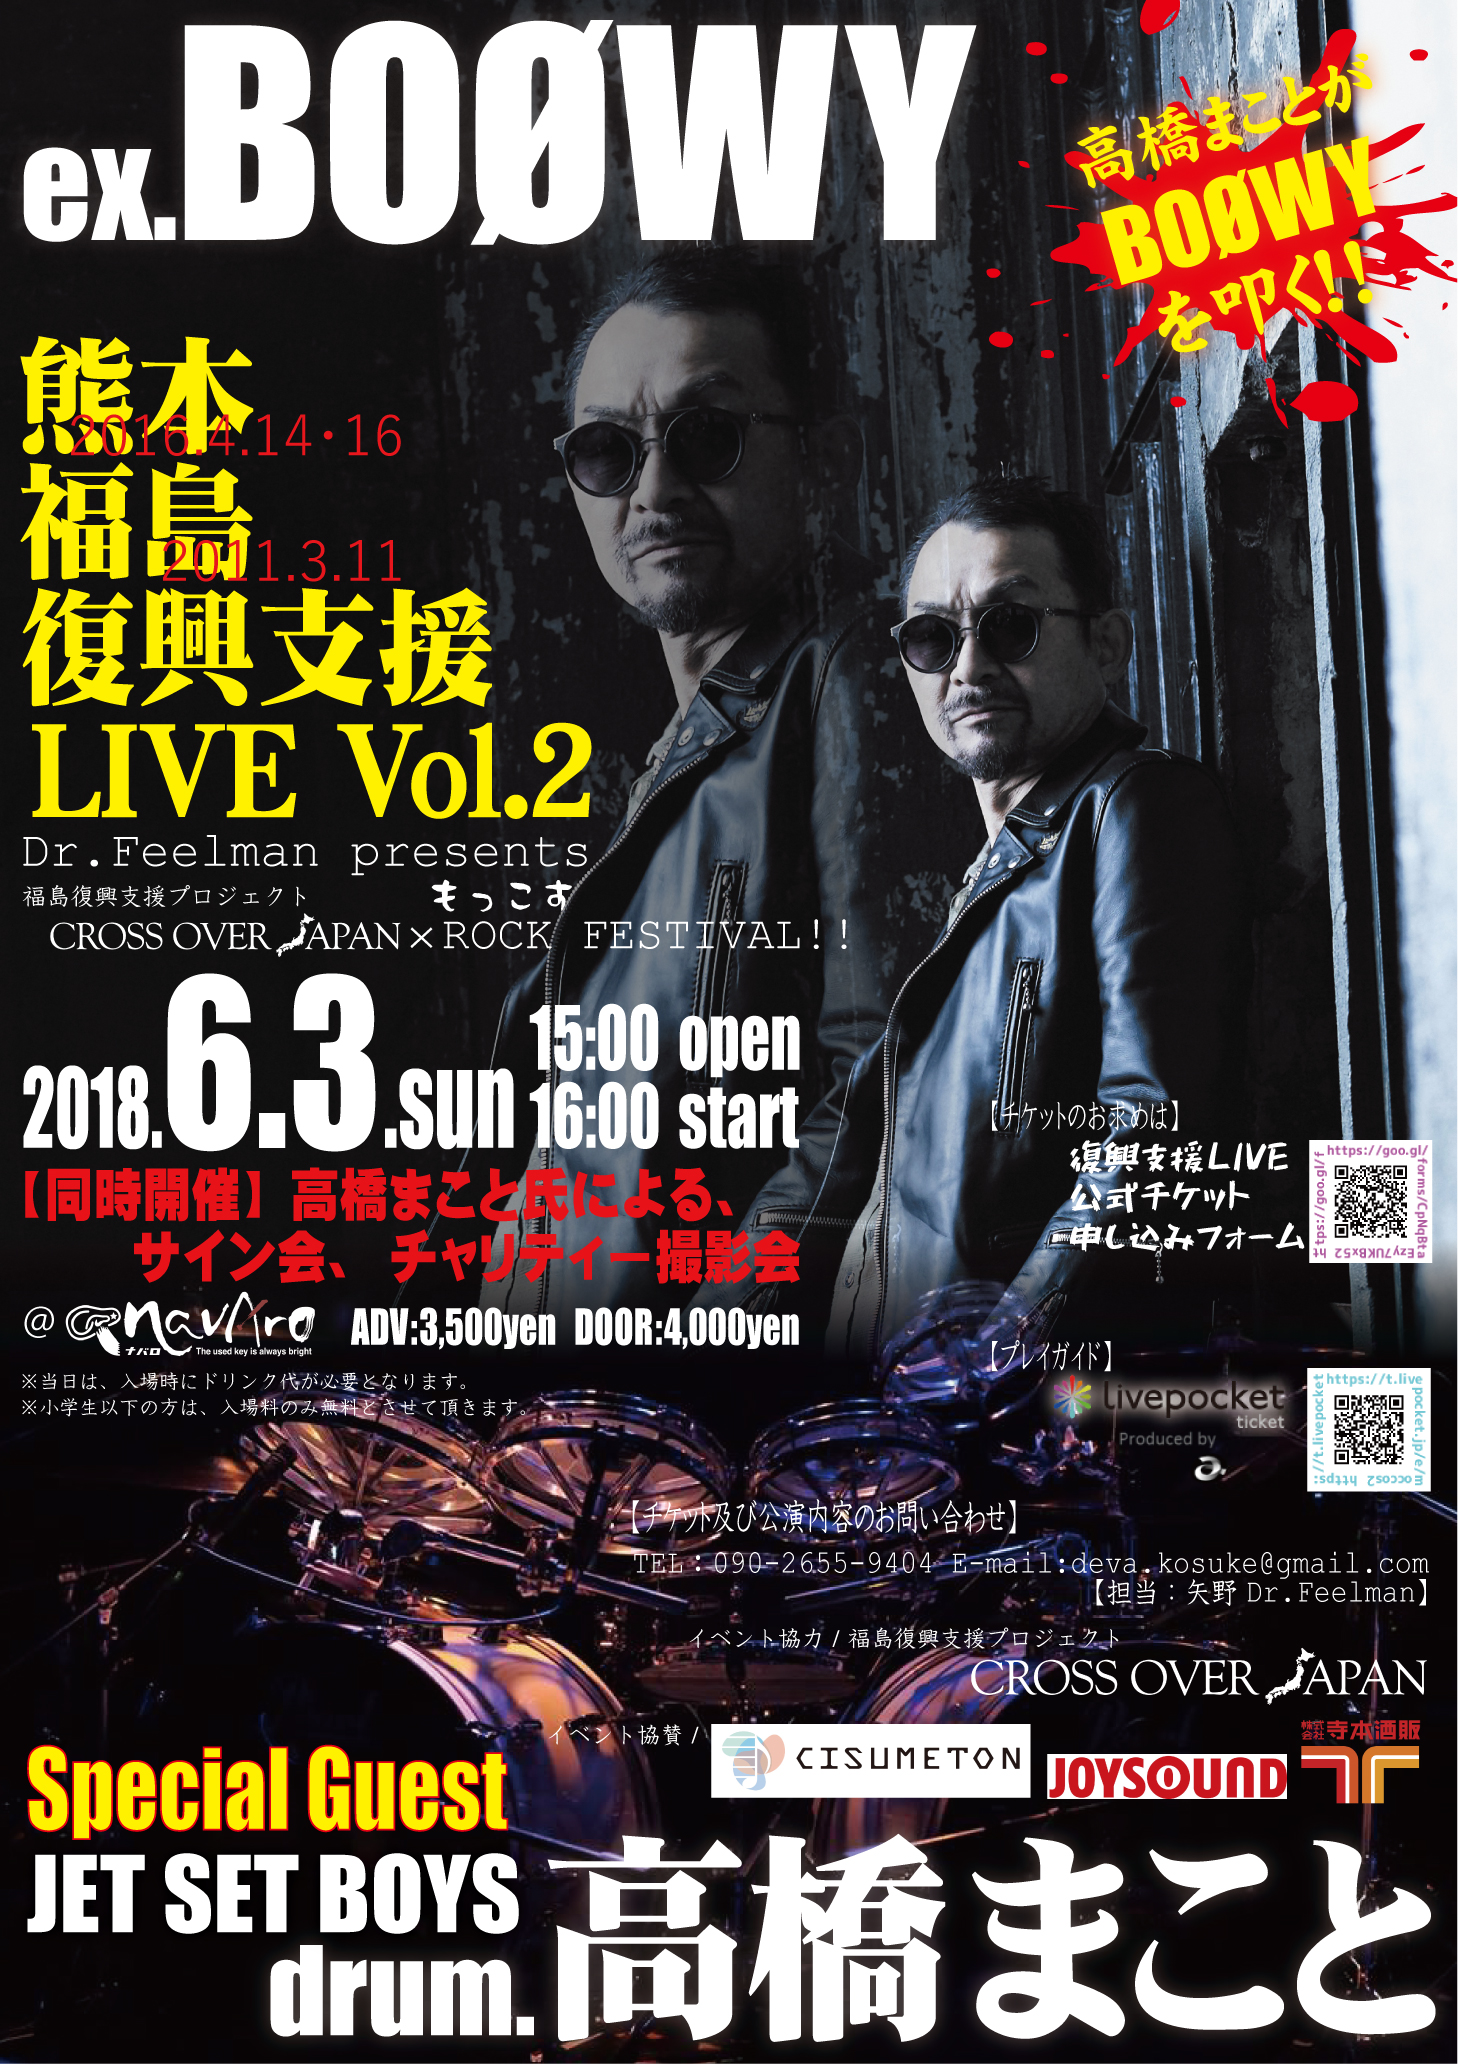 もっこす ROCK FESTIVAL!× CROSS OVER JAPAN 復興支援LIVE Vol.2 Special Guest ex.BOØWY 高橋まこと